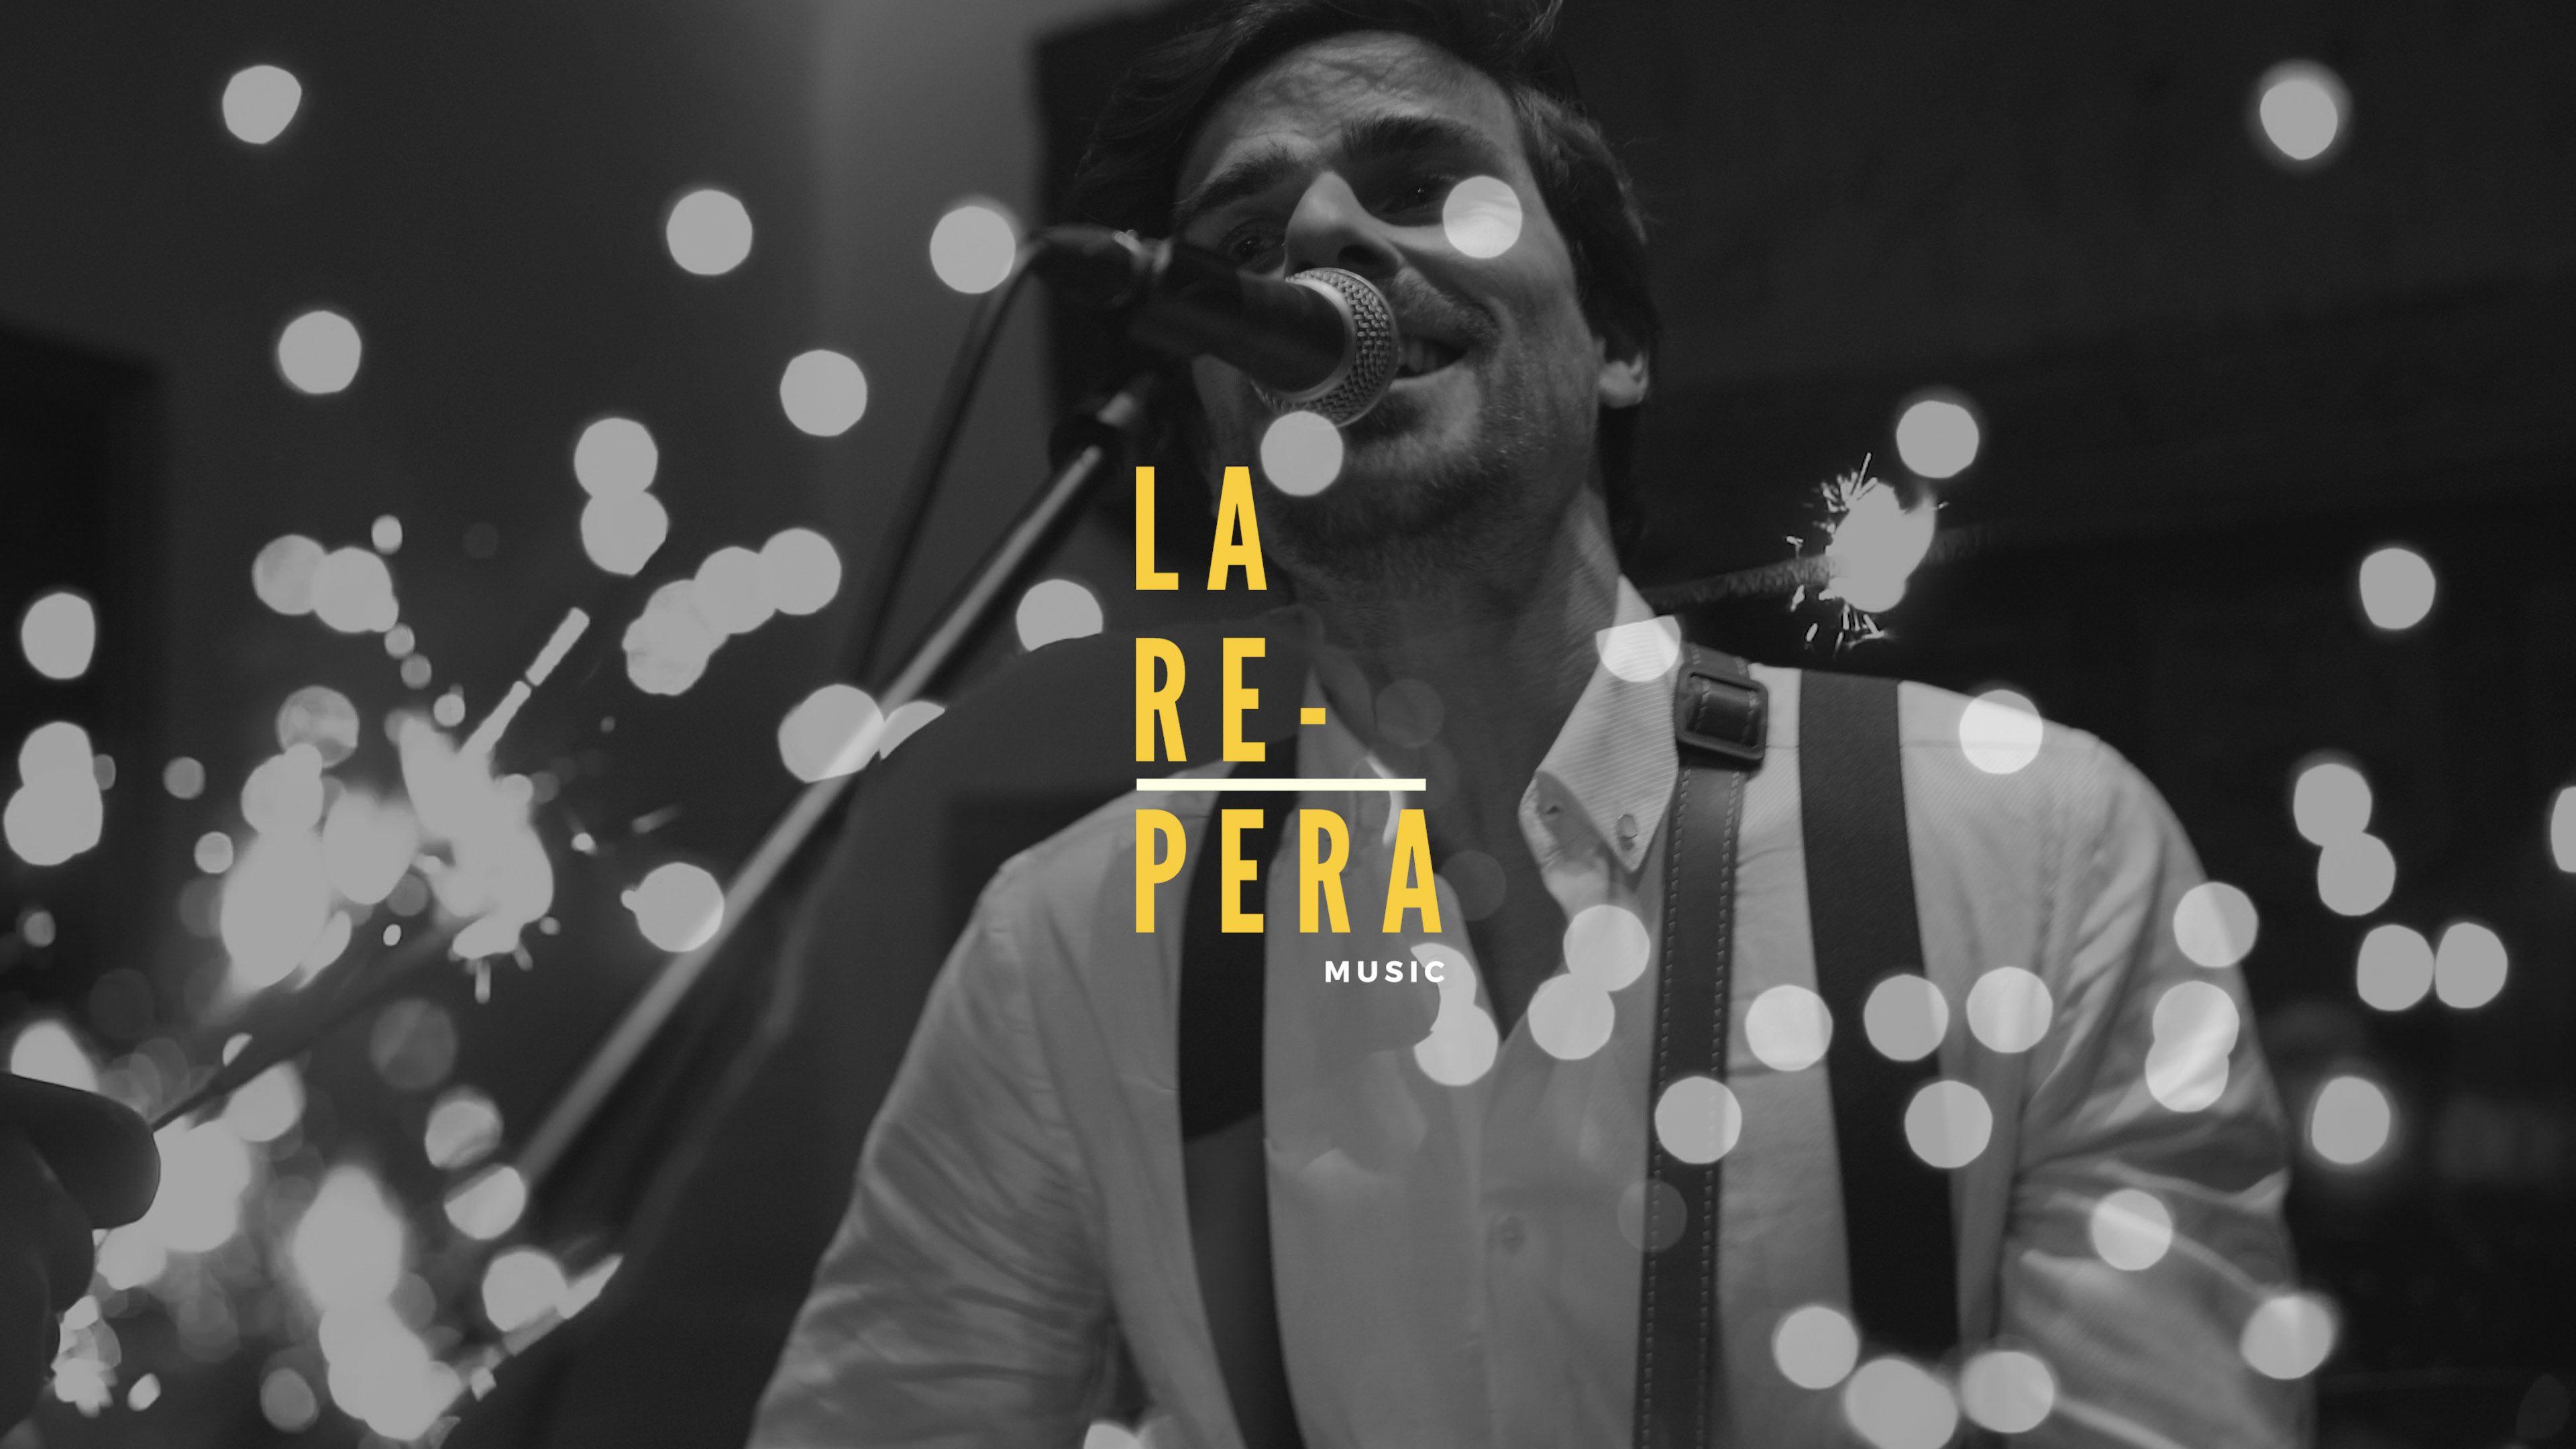 La Repera Music